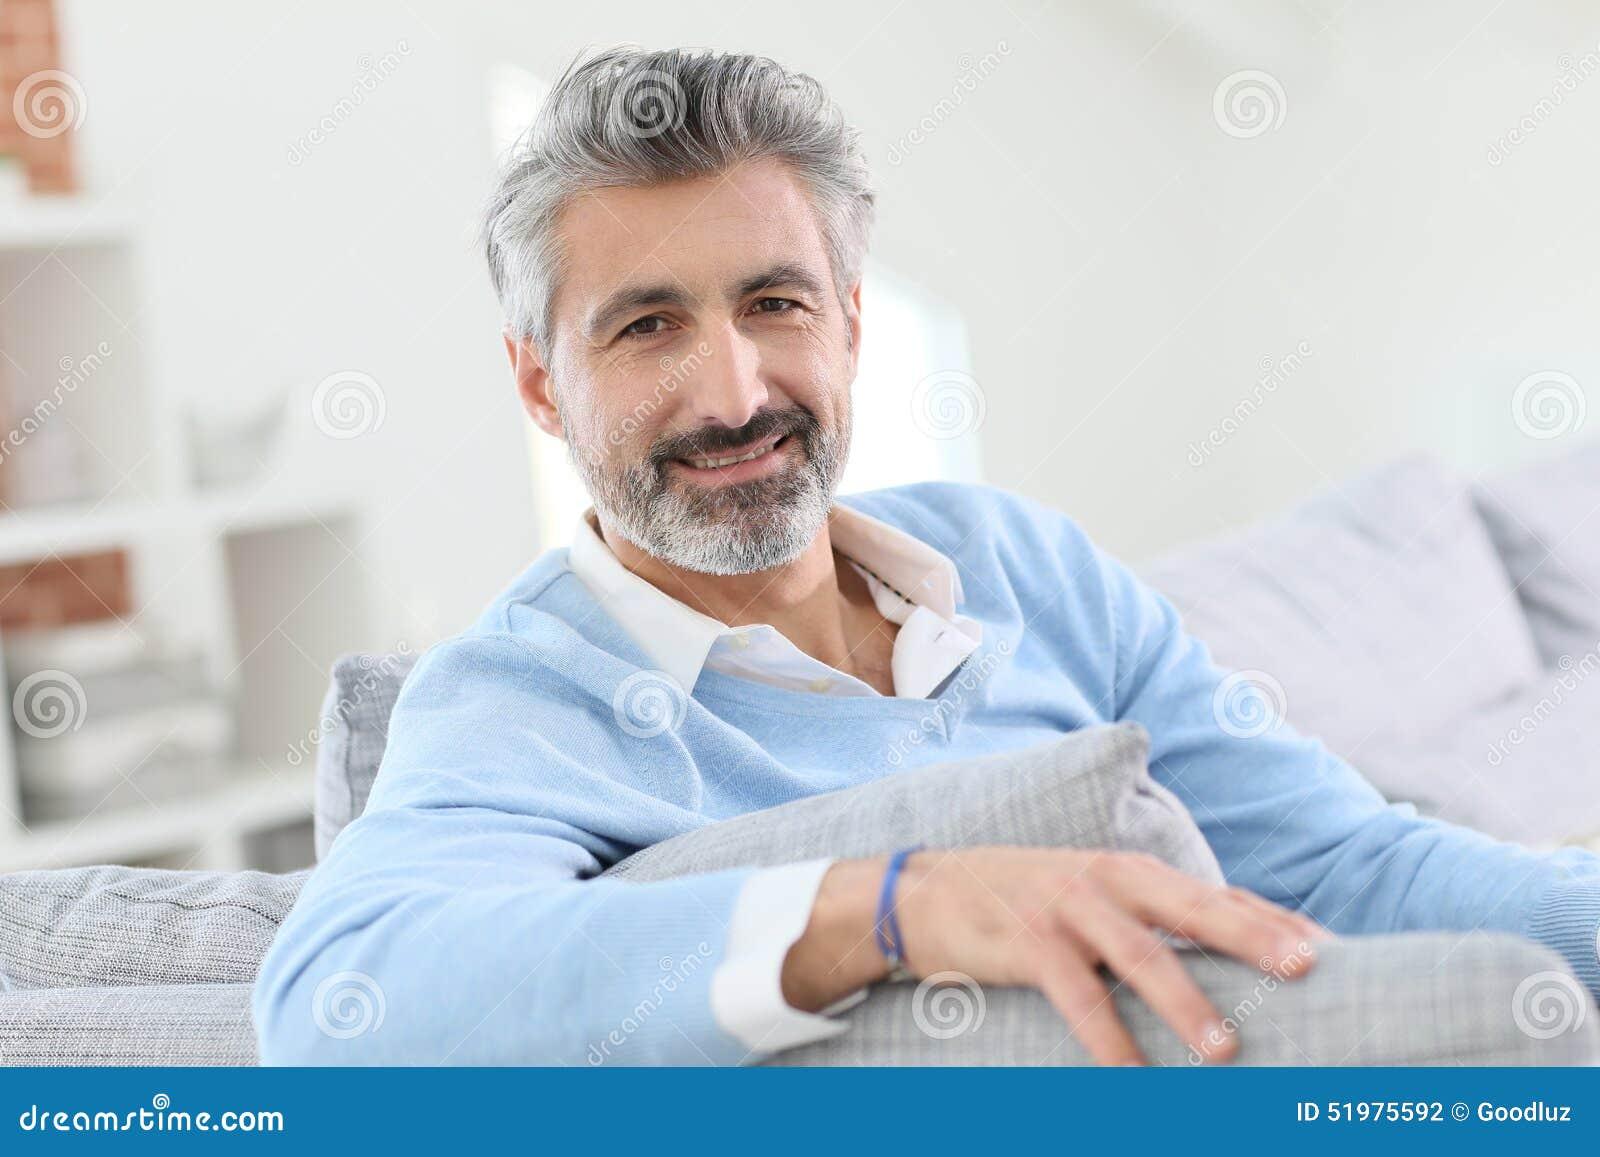 Homme de 45 ans d tendant la maison photo stock image du homme regarder 51975592 - Regarder 7 a la maison gratuitement ...